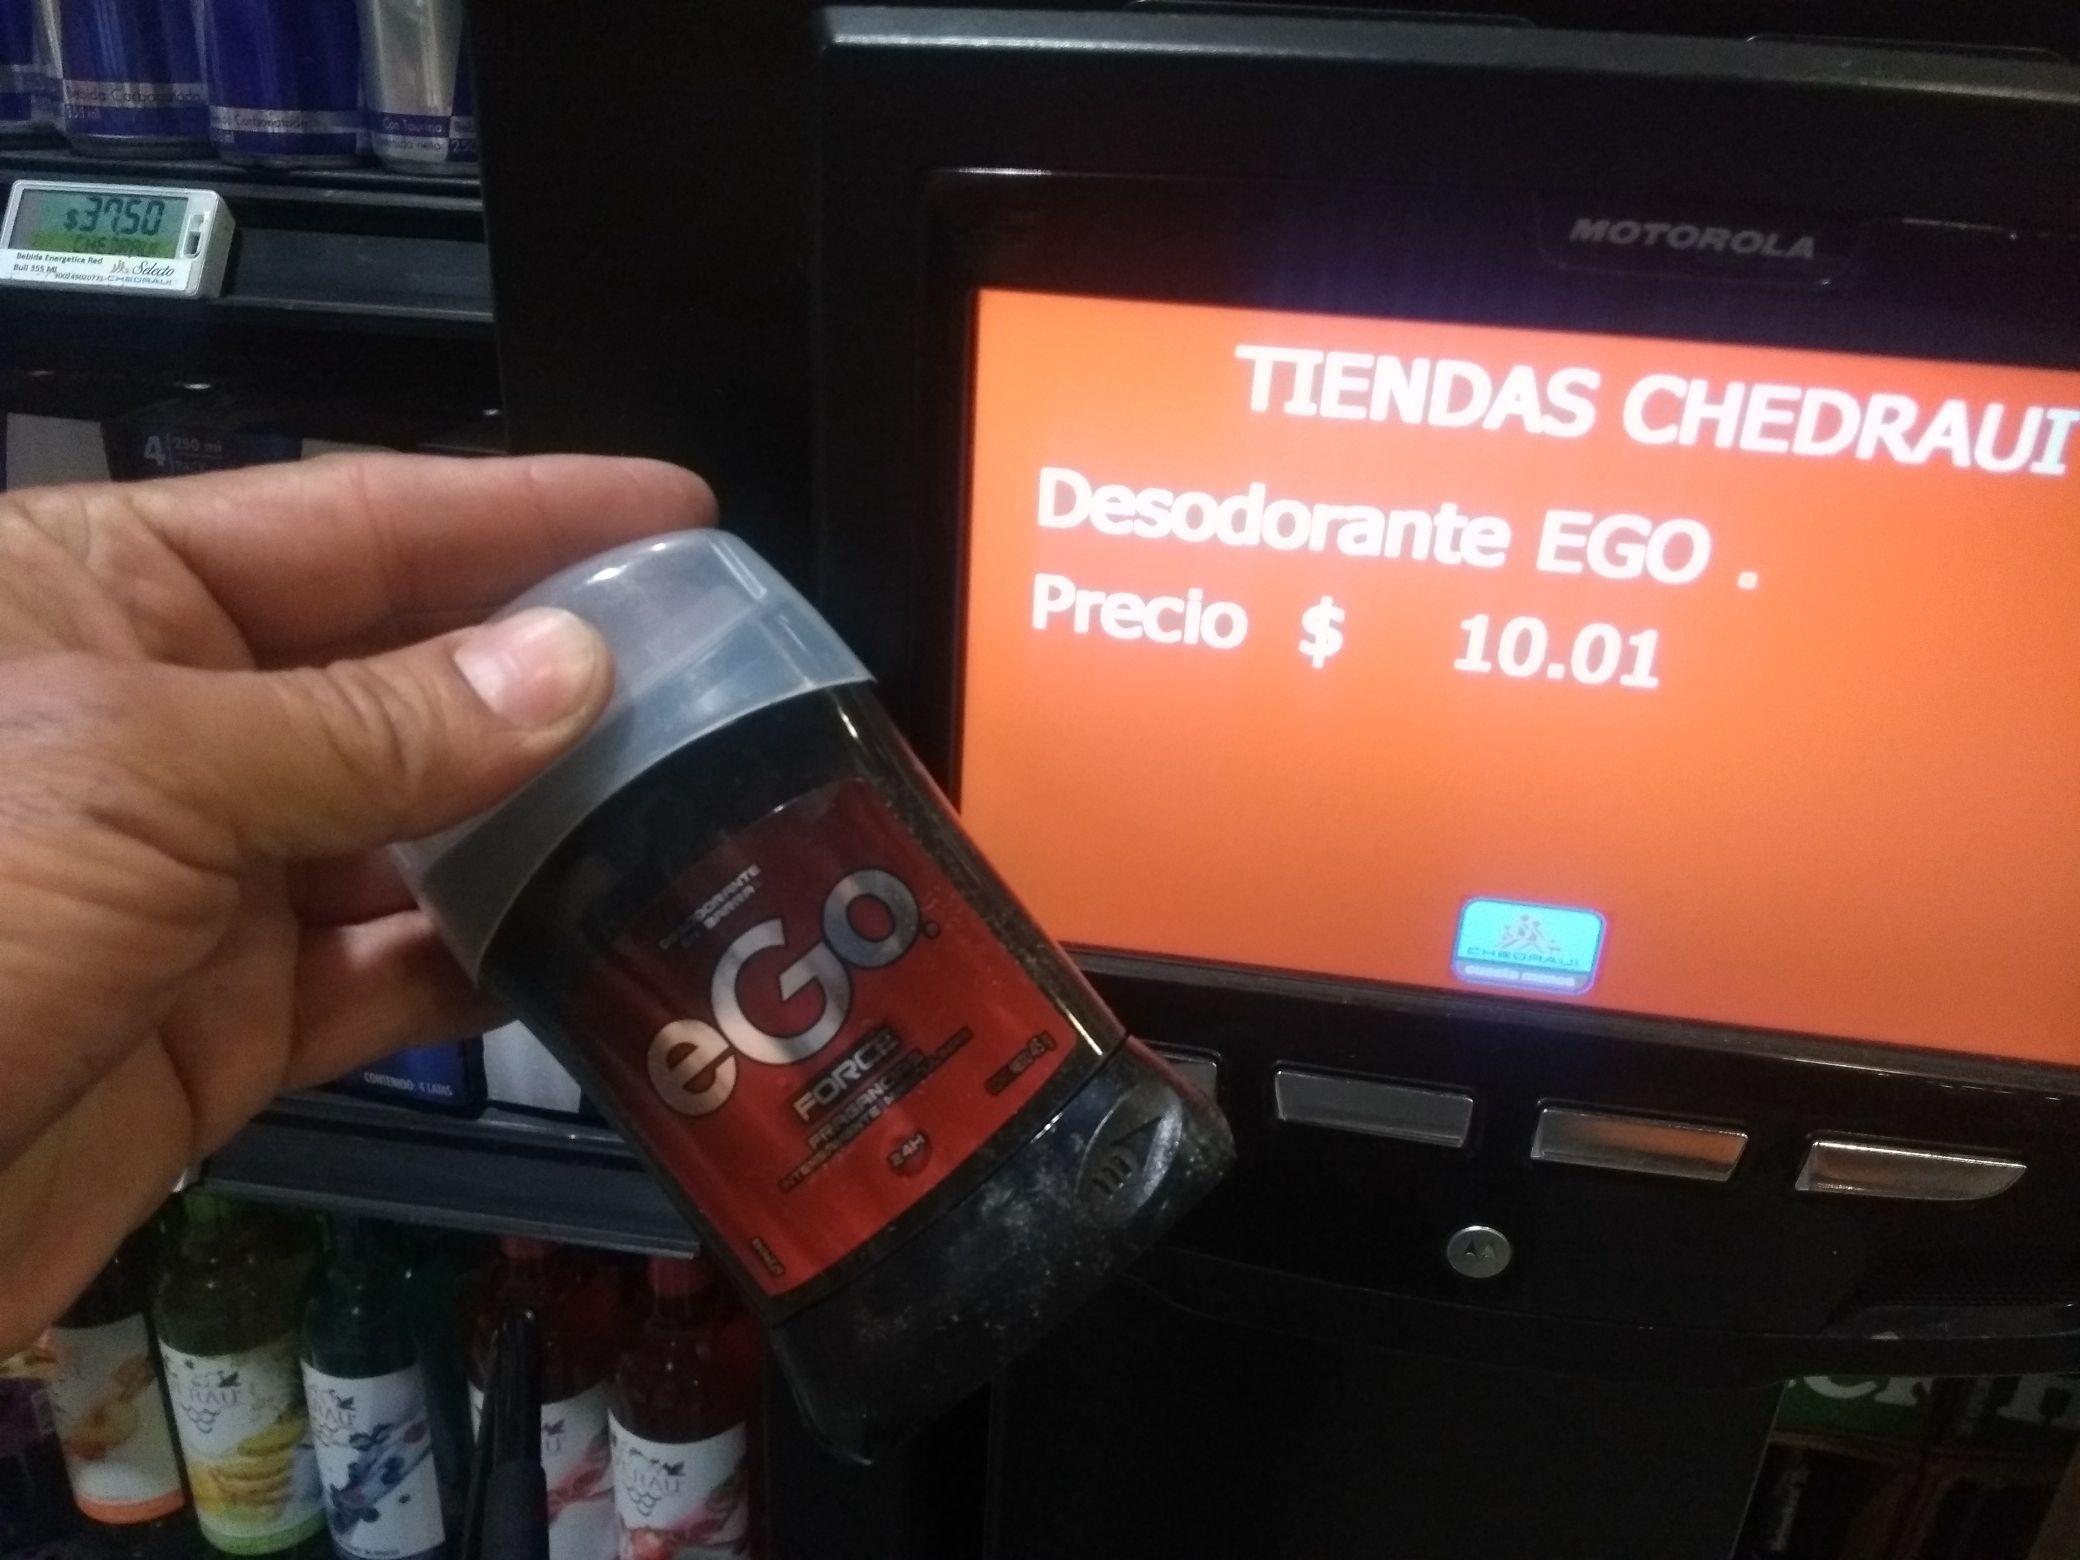 Chedraui: desodorantes Ego Obao